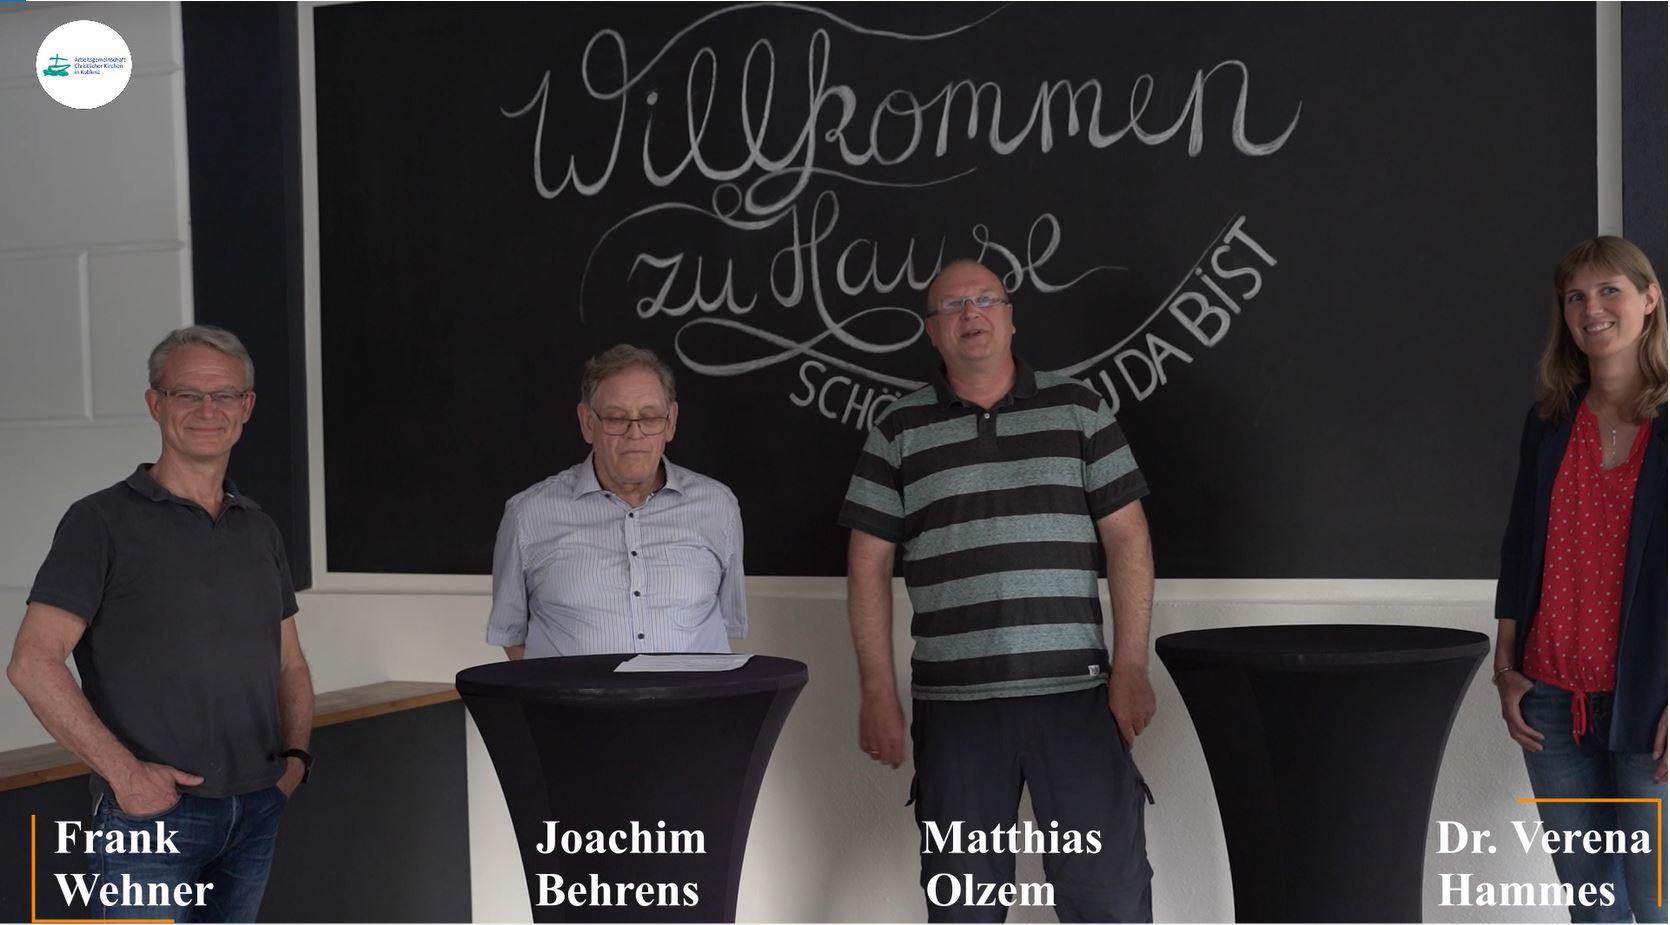 Pfingstgruß der ACK Koblenz